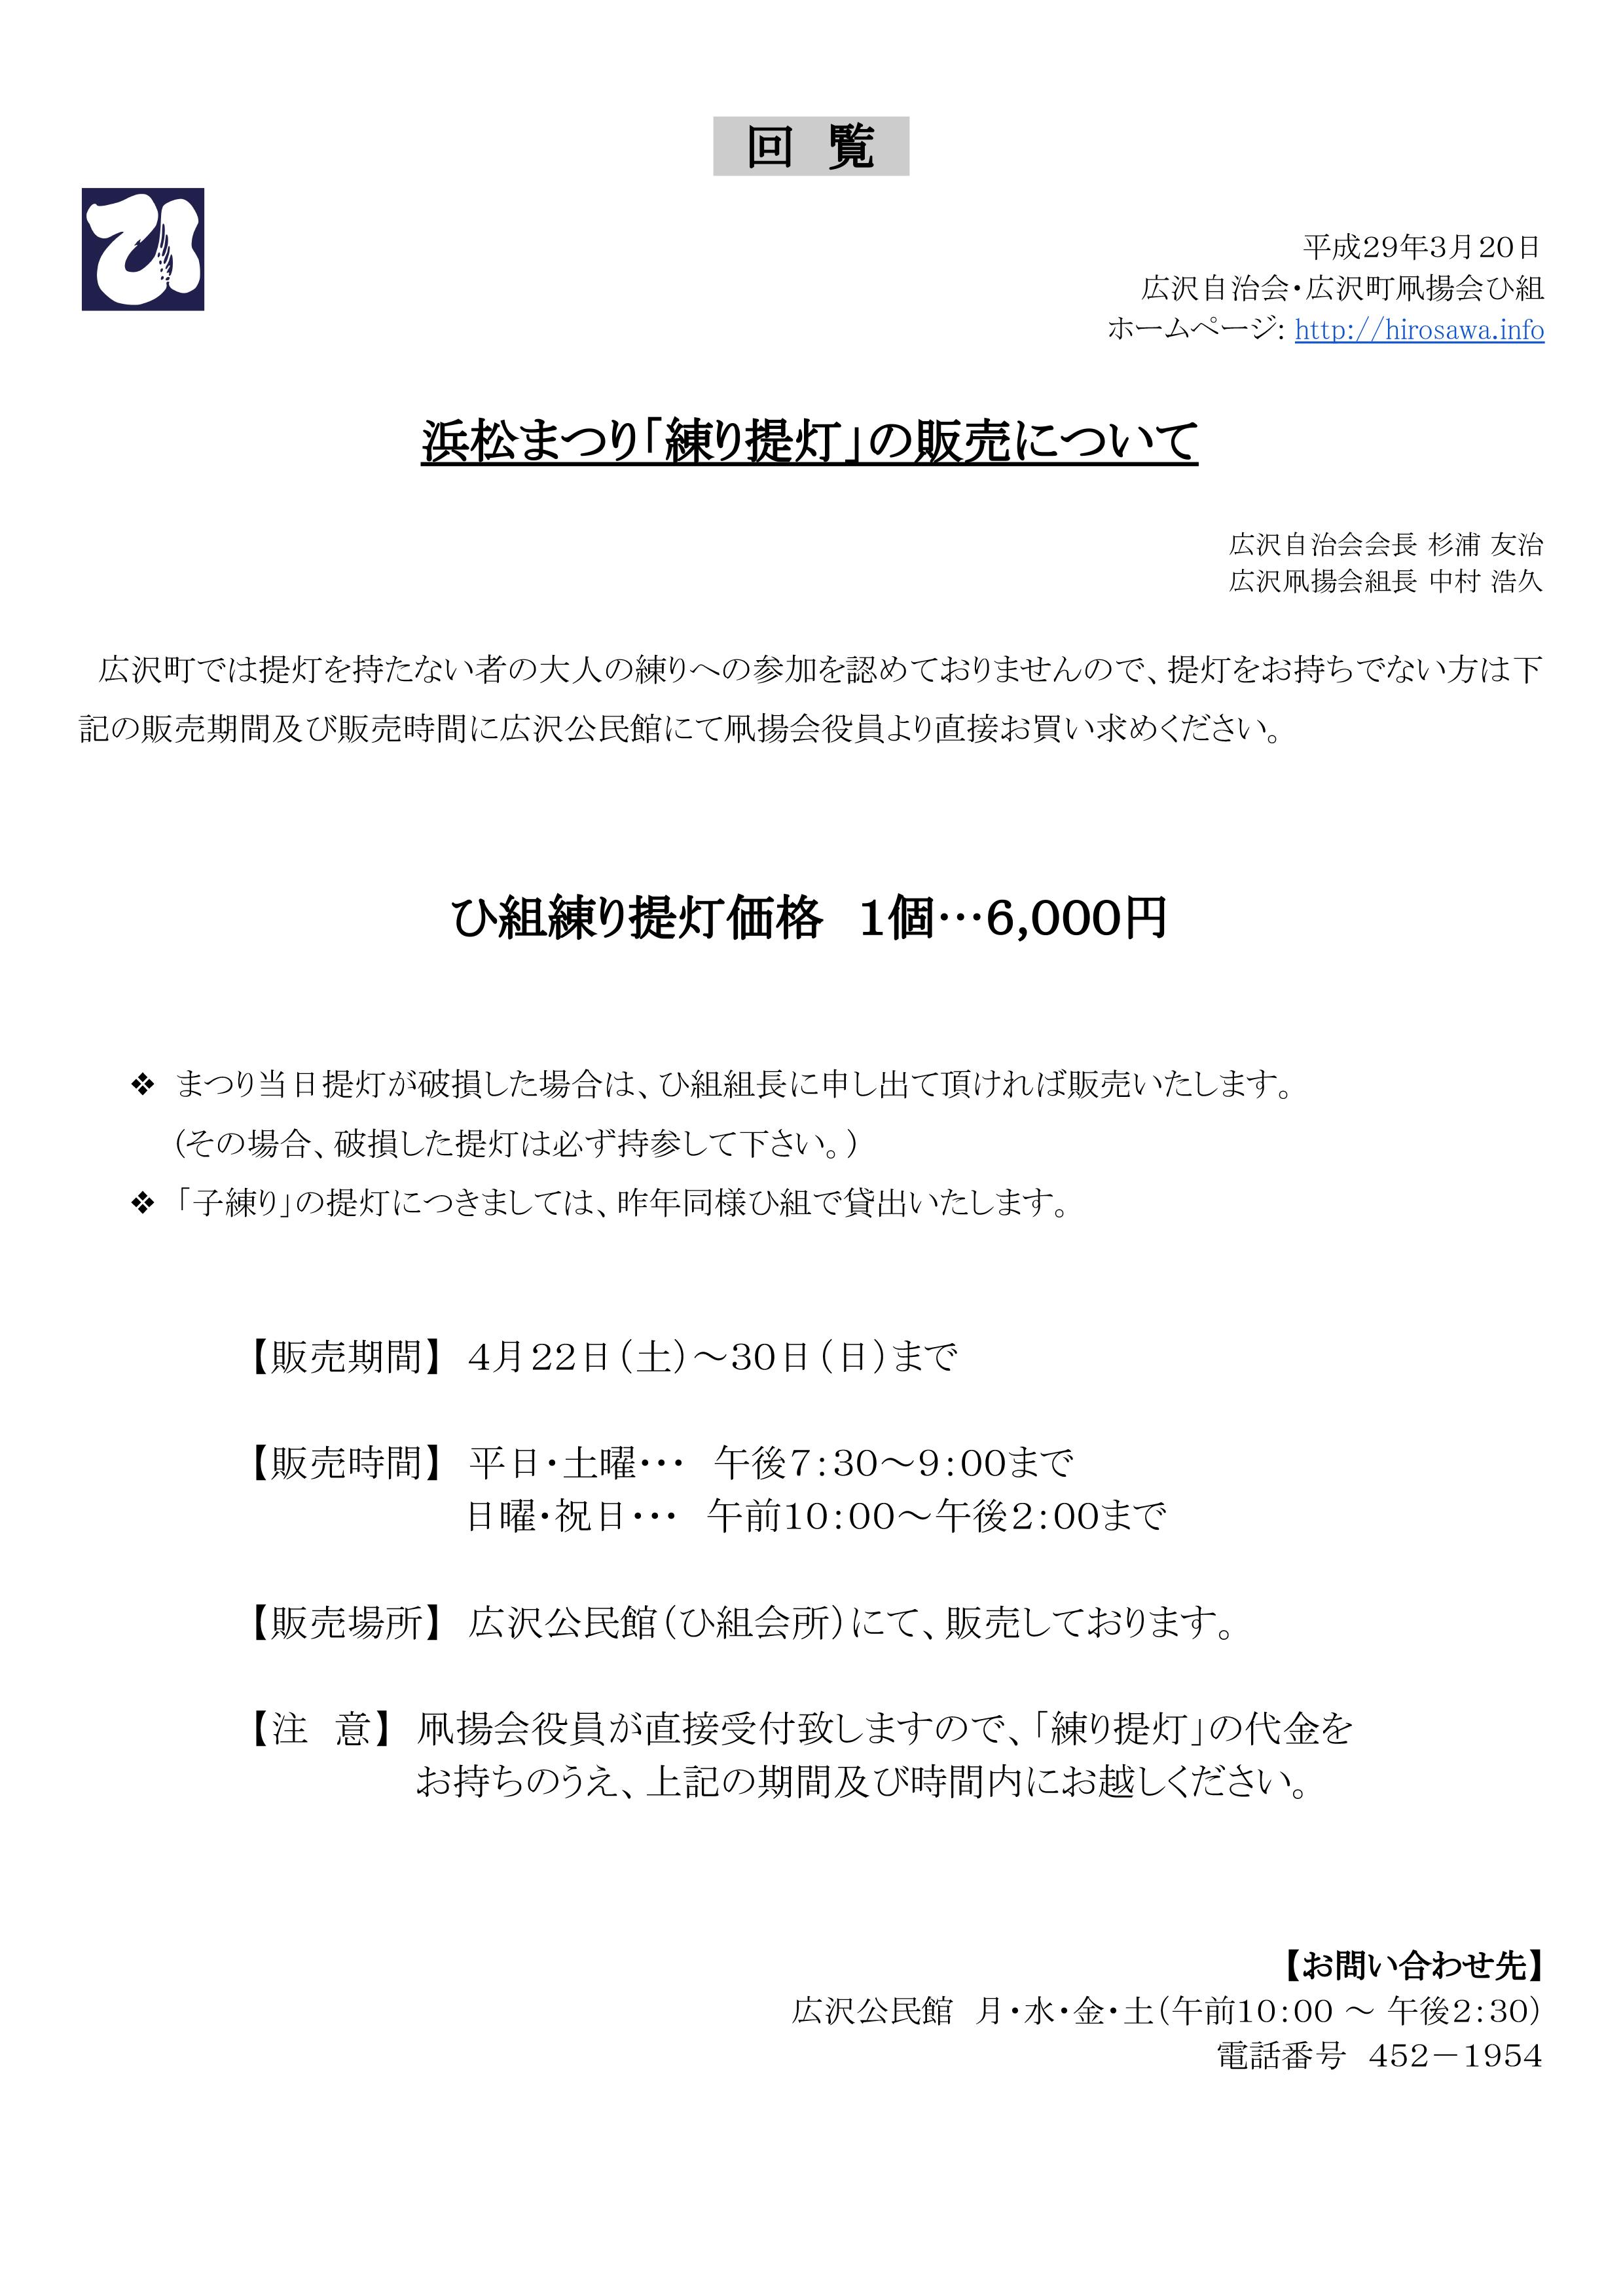 【回覧資料】平成29年3月20日 浜松まつり「練り提灯」の販売について